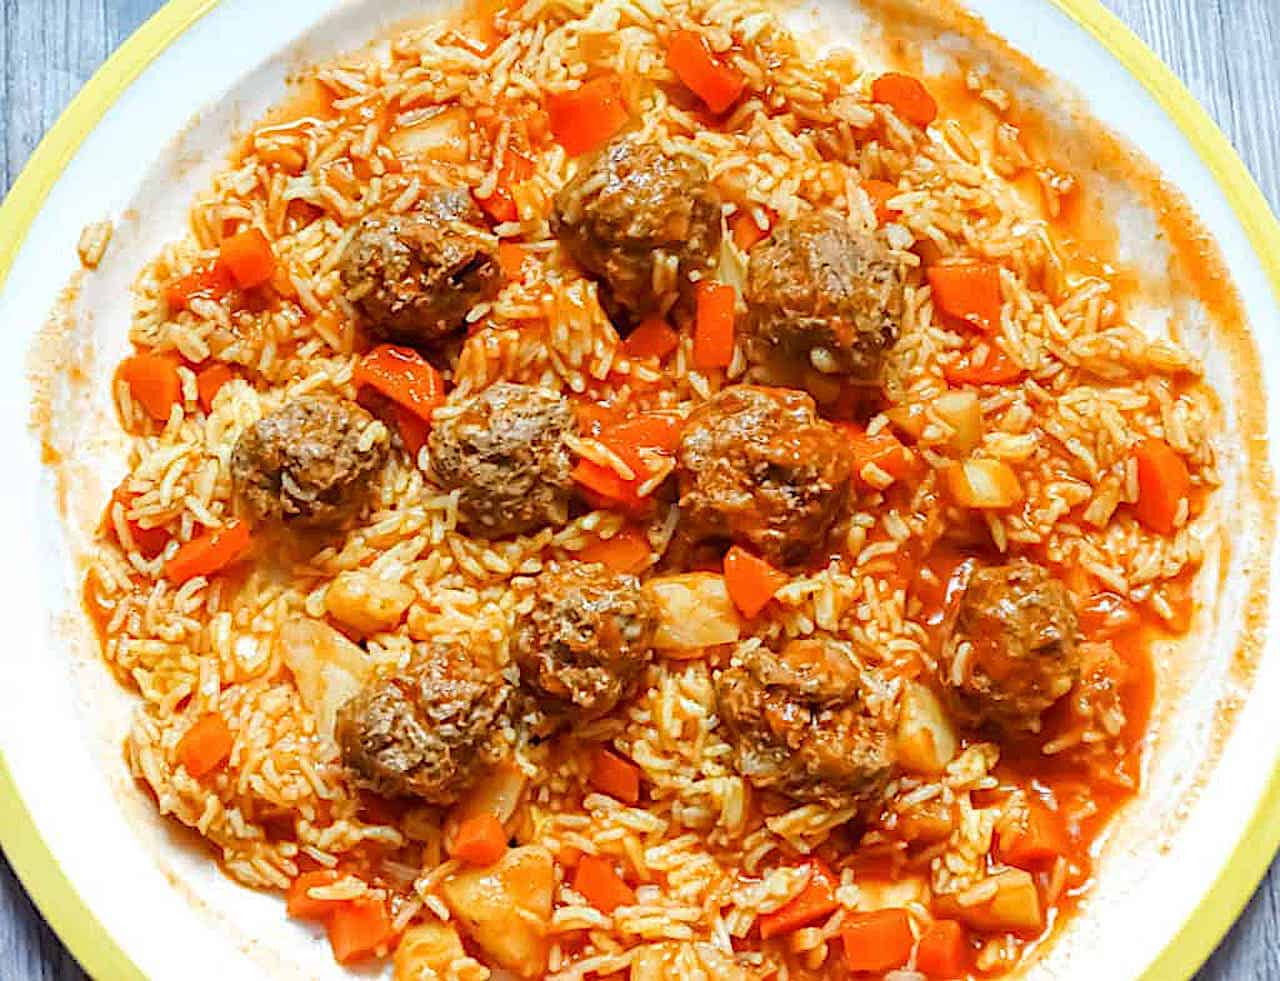 Syrian Kebab Hindi with lamb meatballs, potatoes, carrots, and basmati rice